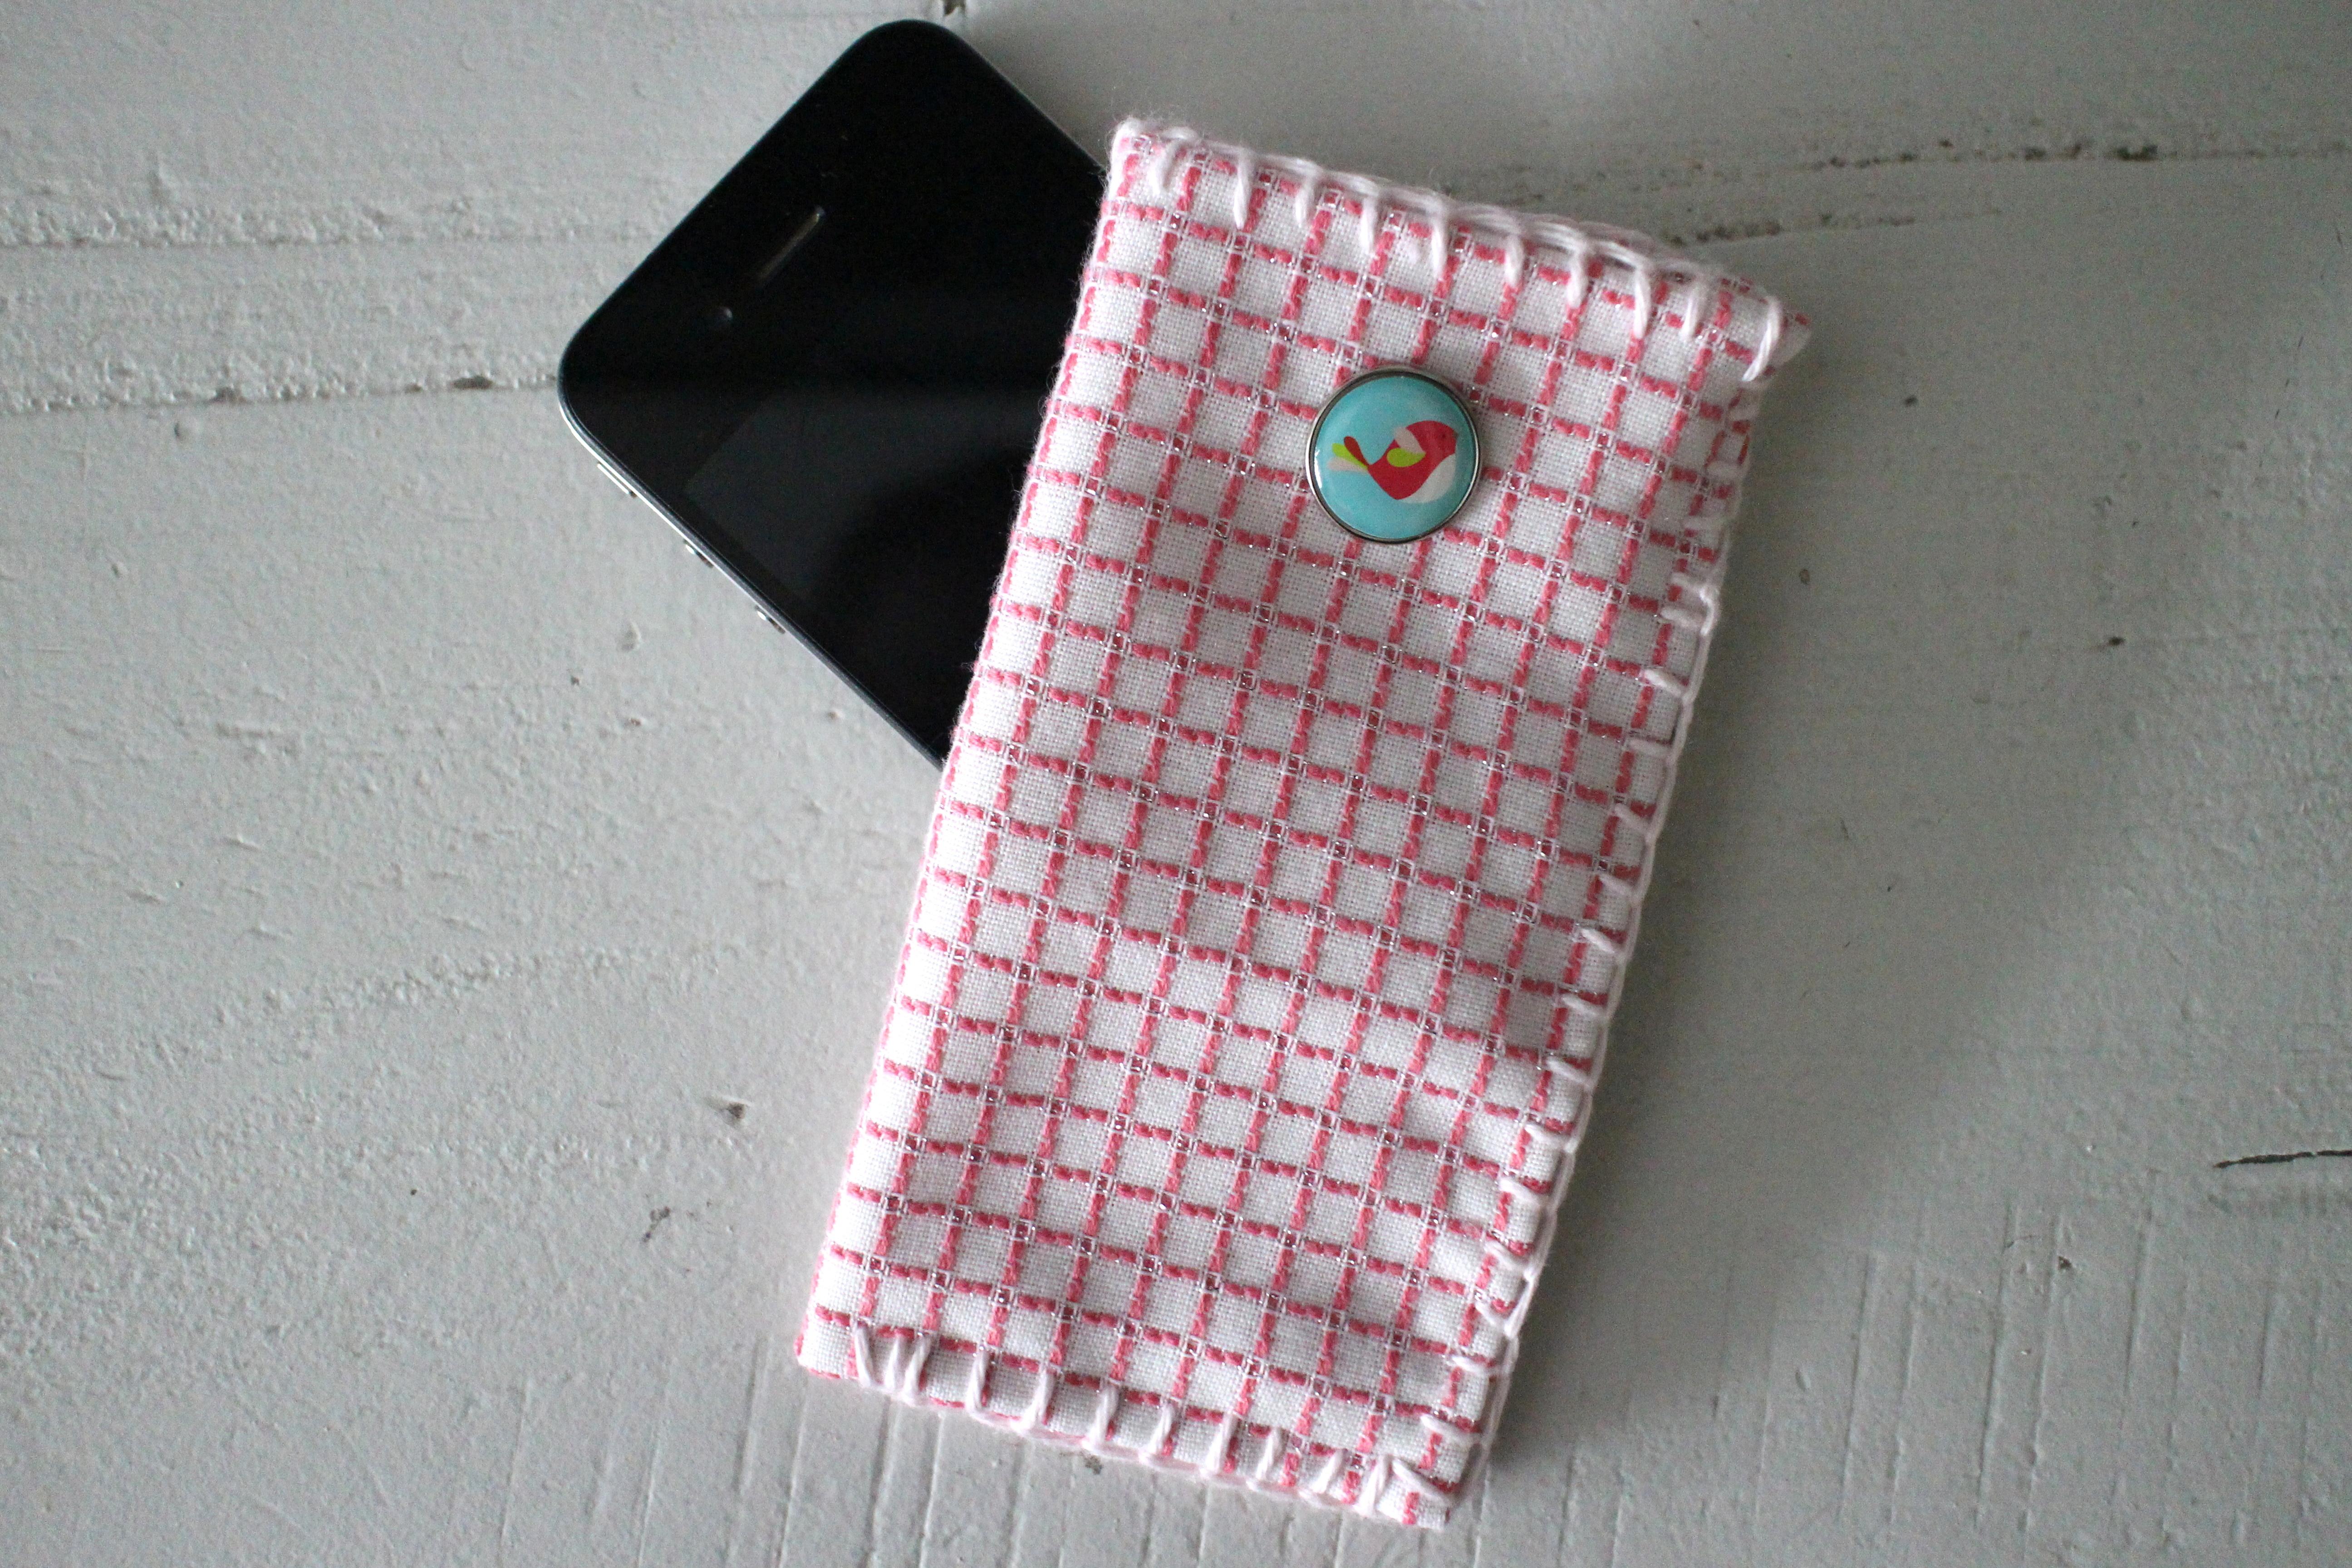 Populair Telefoonhoesje maken - Haken, ontwerpen, fotografie en meer #HG71